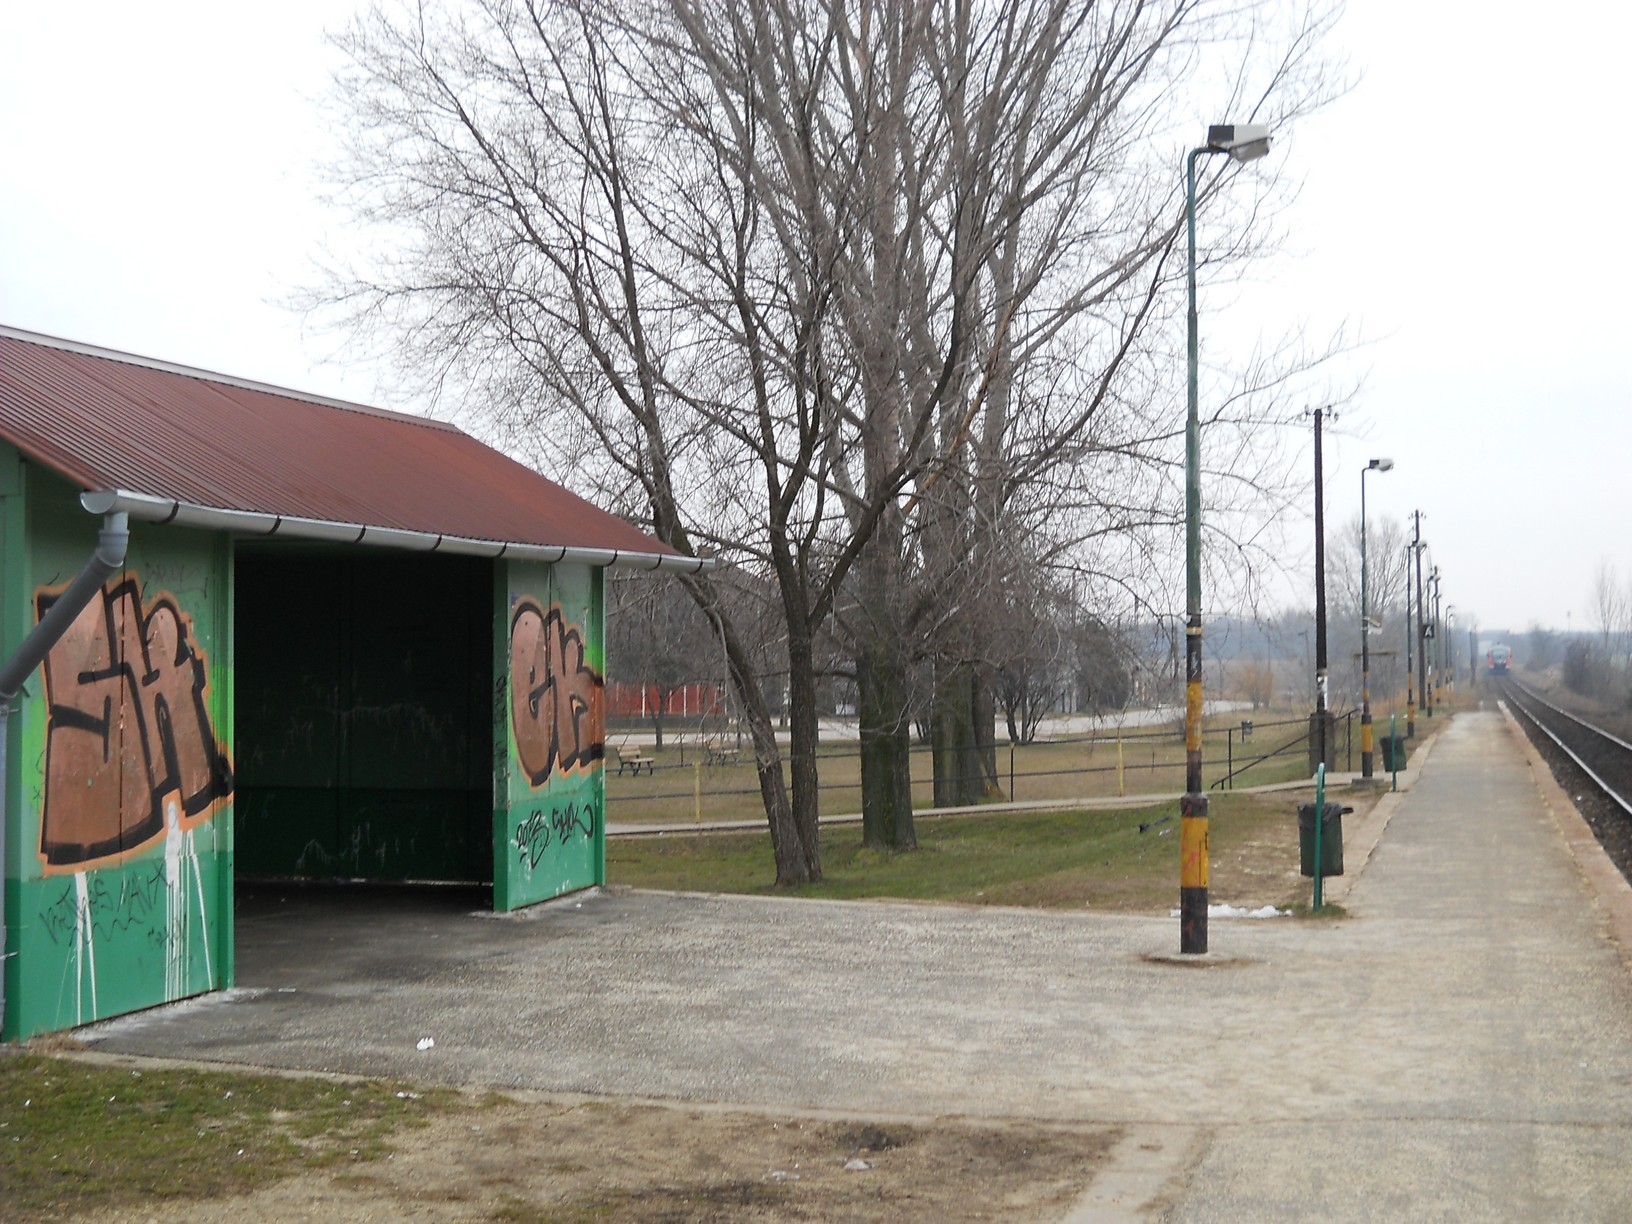 """Felsőpakony """"európai színvonalú"""" vasúti megállóhelye, ahonnan hat kilométerre található – azaz másfél órás sétával érhető el – az ócsai telep"""